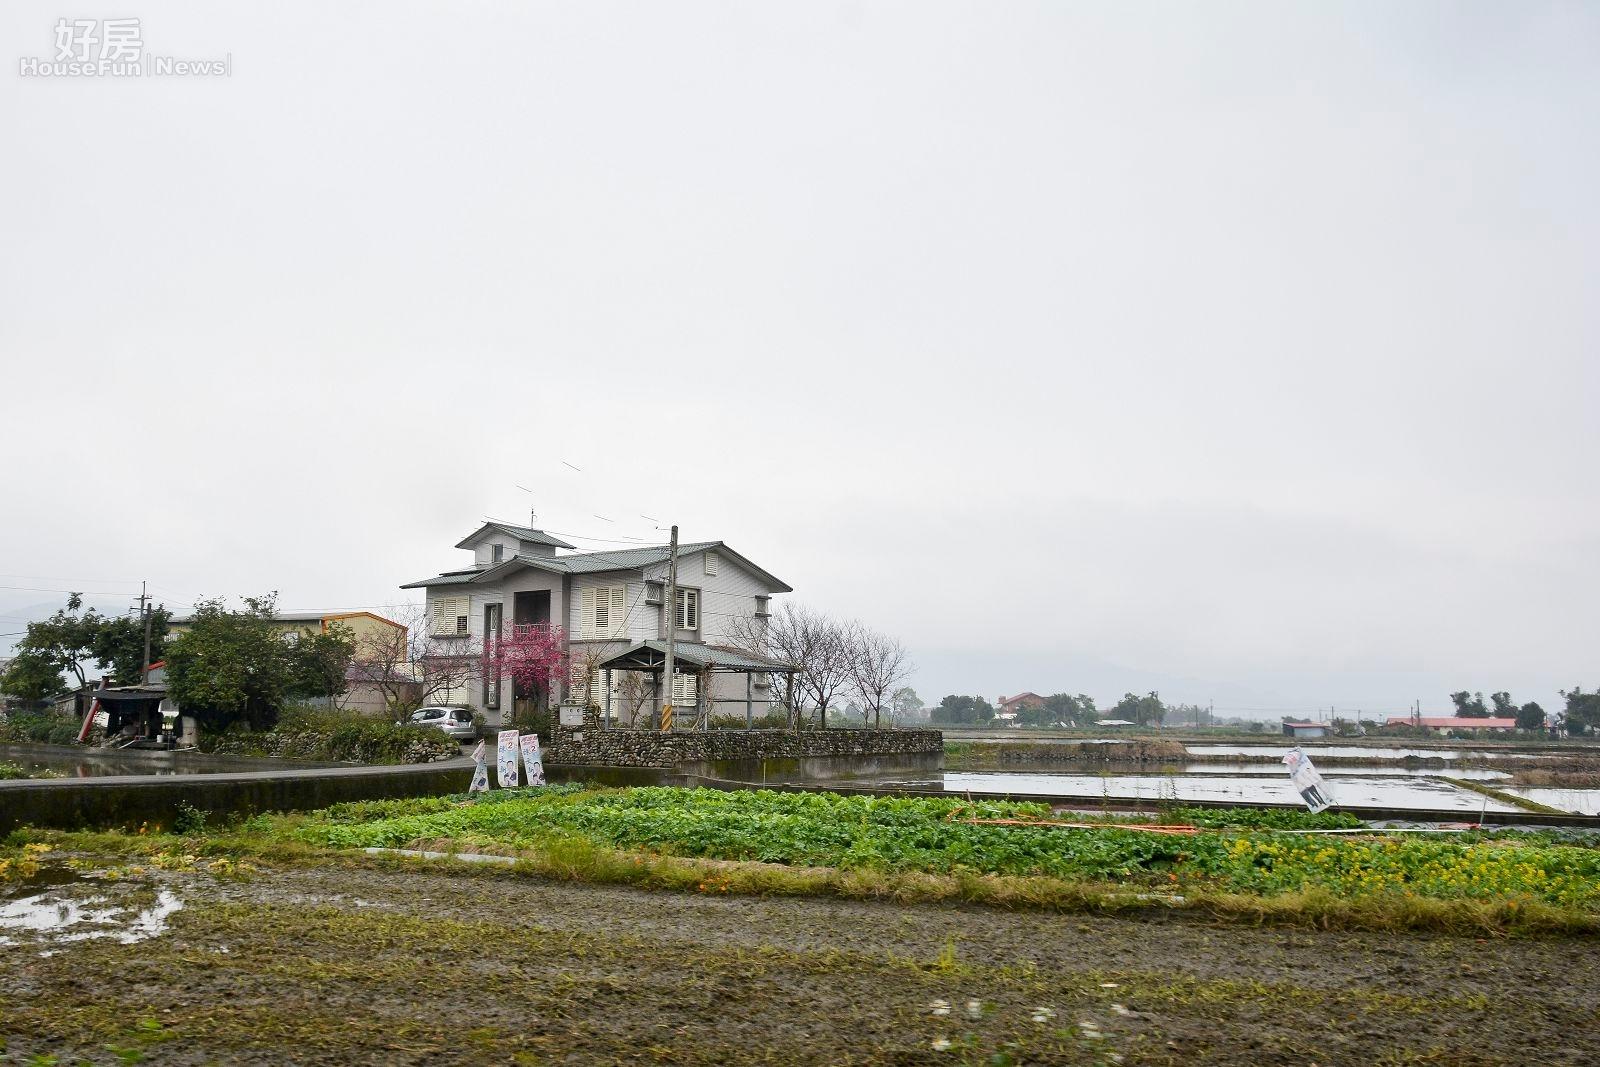 農用地依照規定可蓋小面積的農舍。(好房網News記者 陳韋帆/攝影)